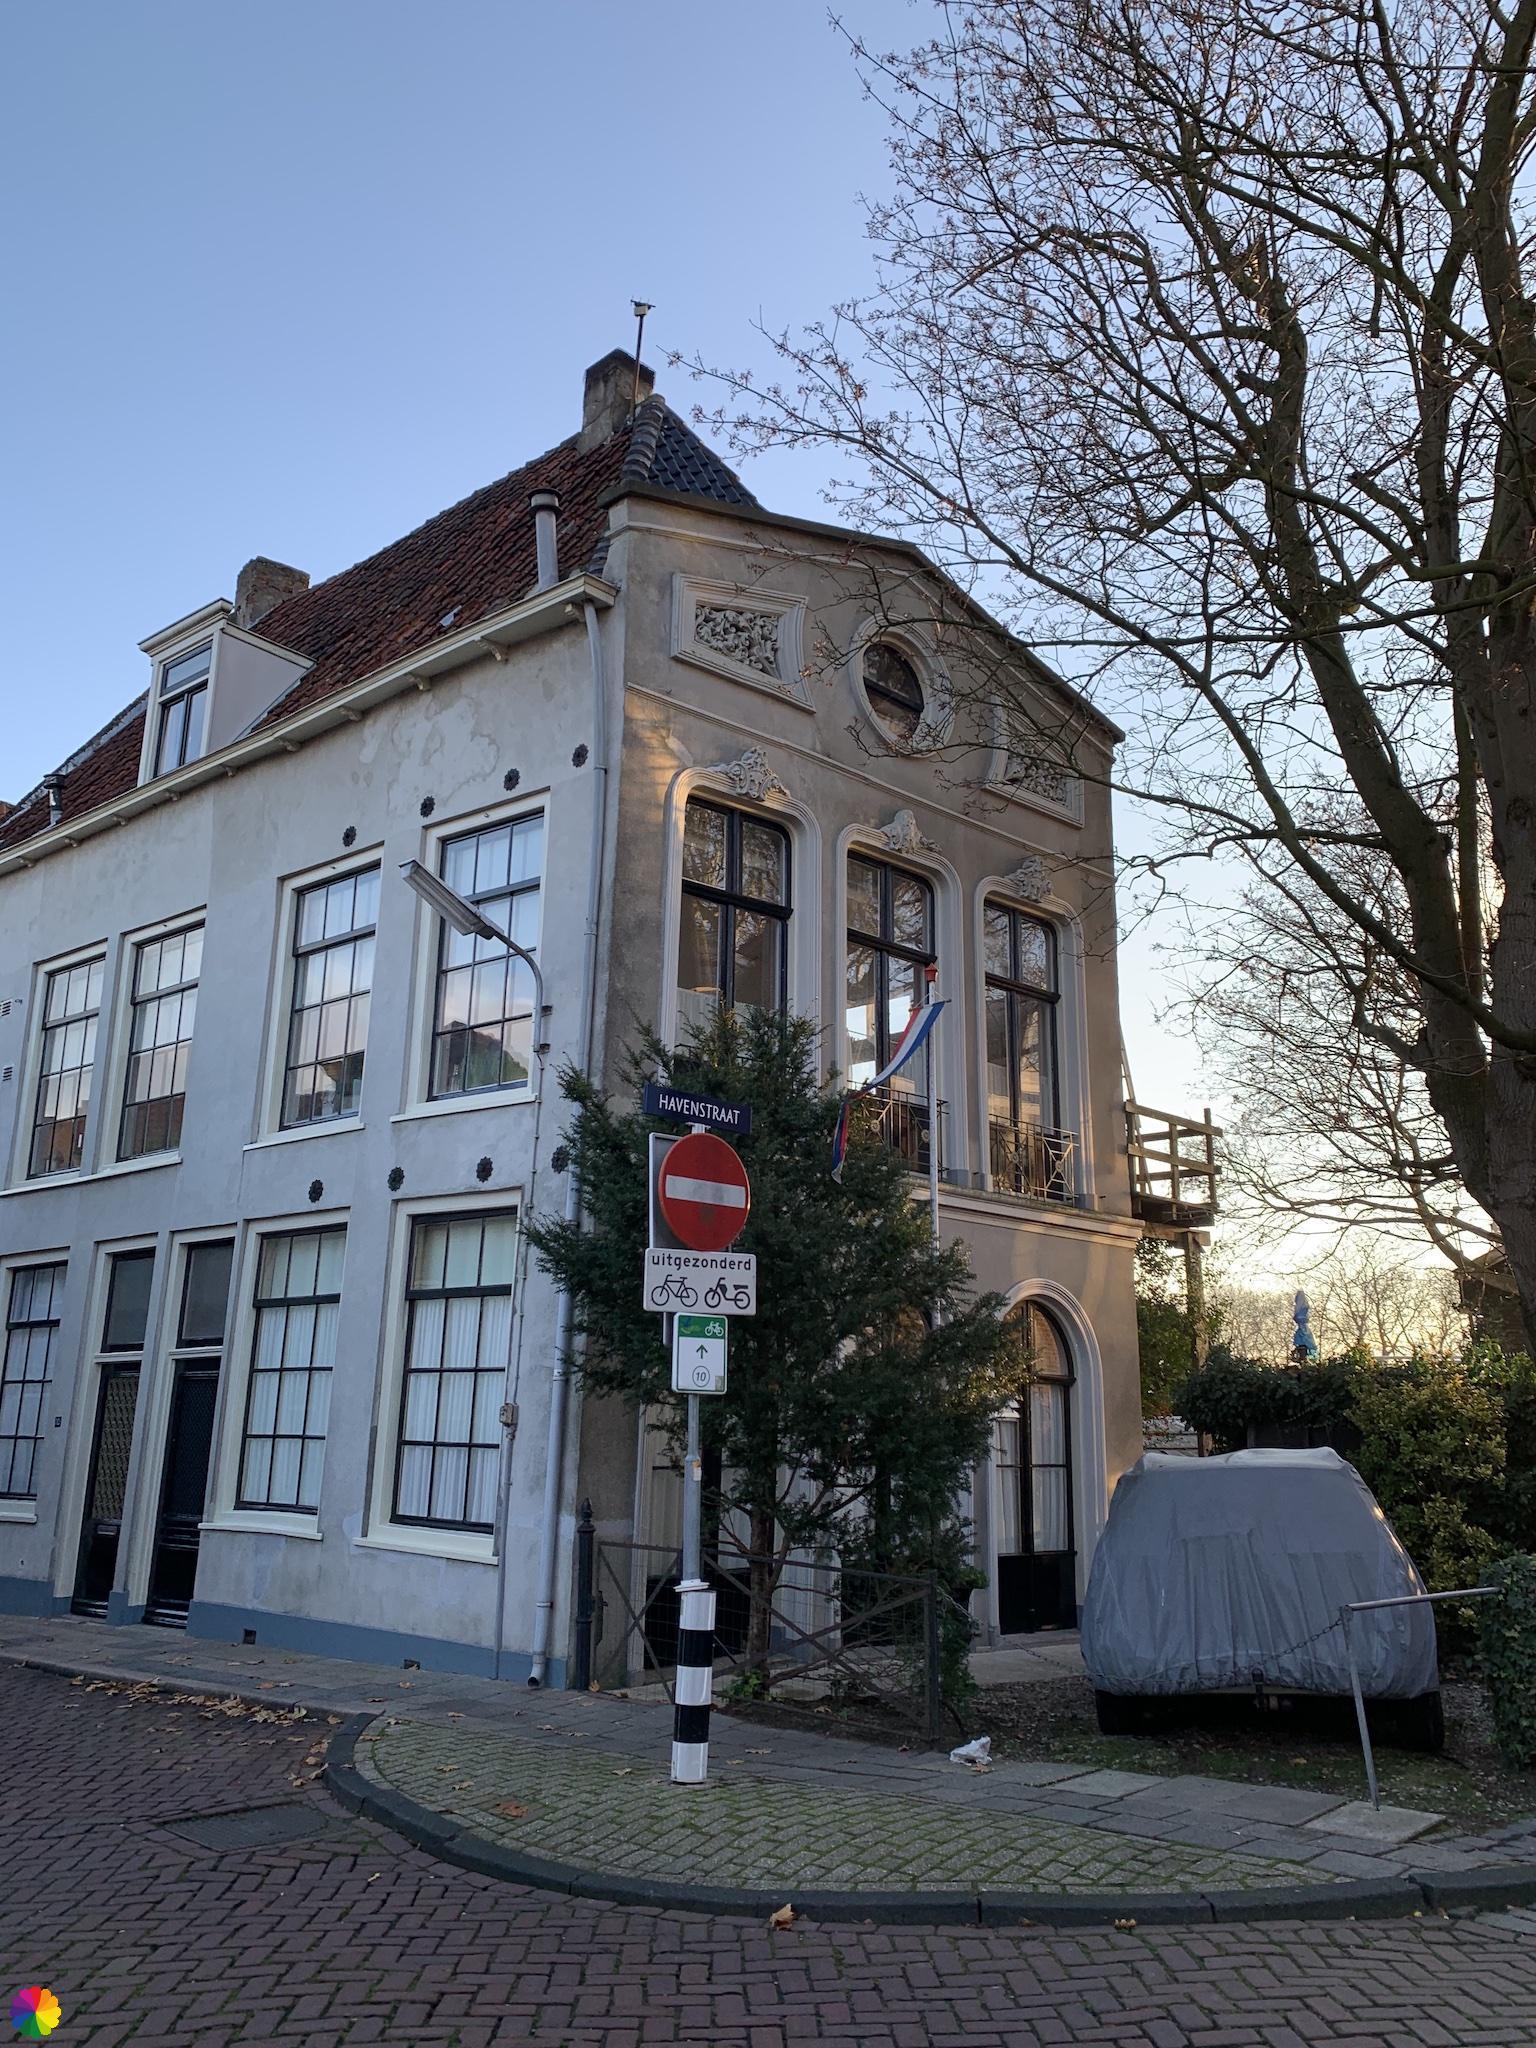 Prachtig gebouw in Schoonhoven